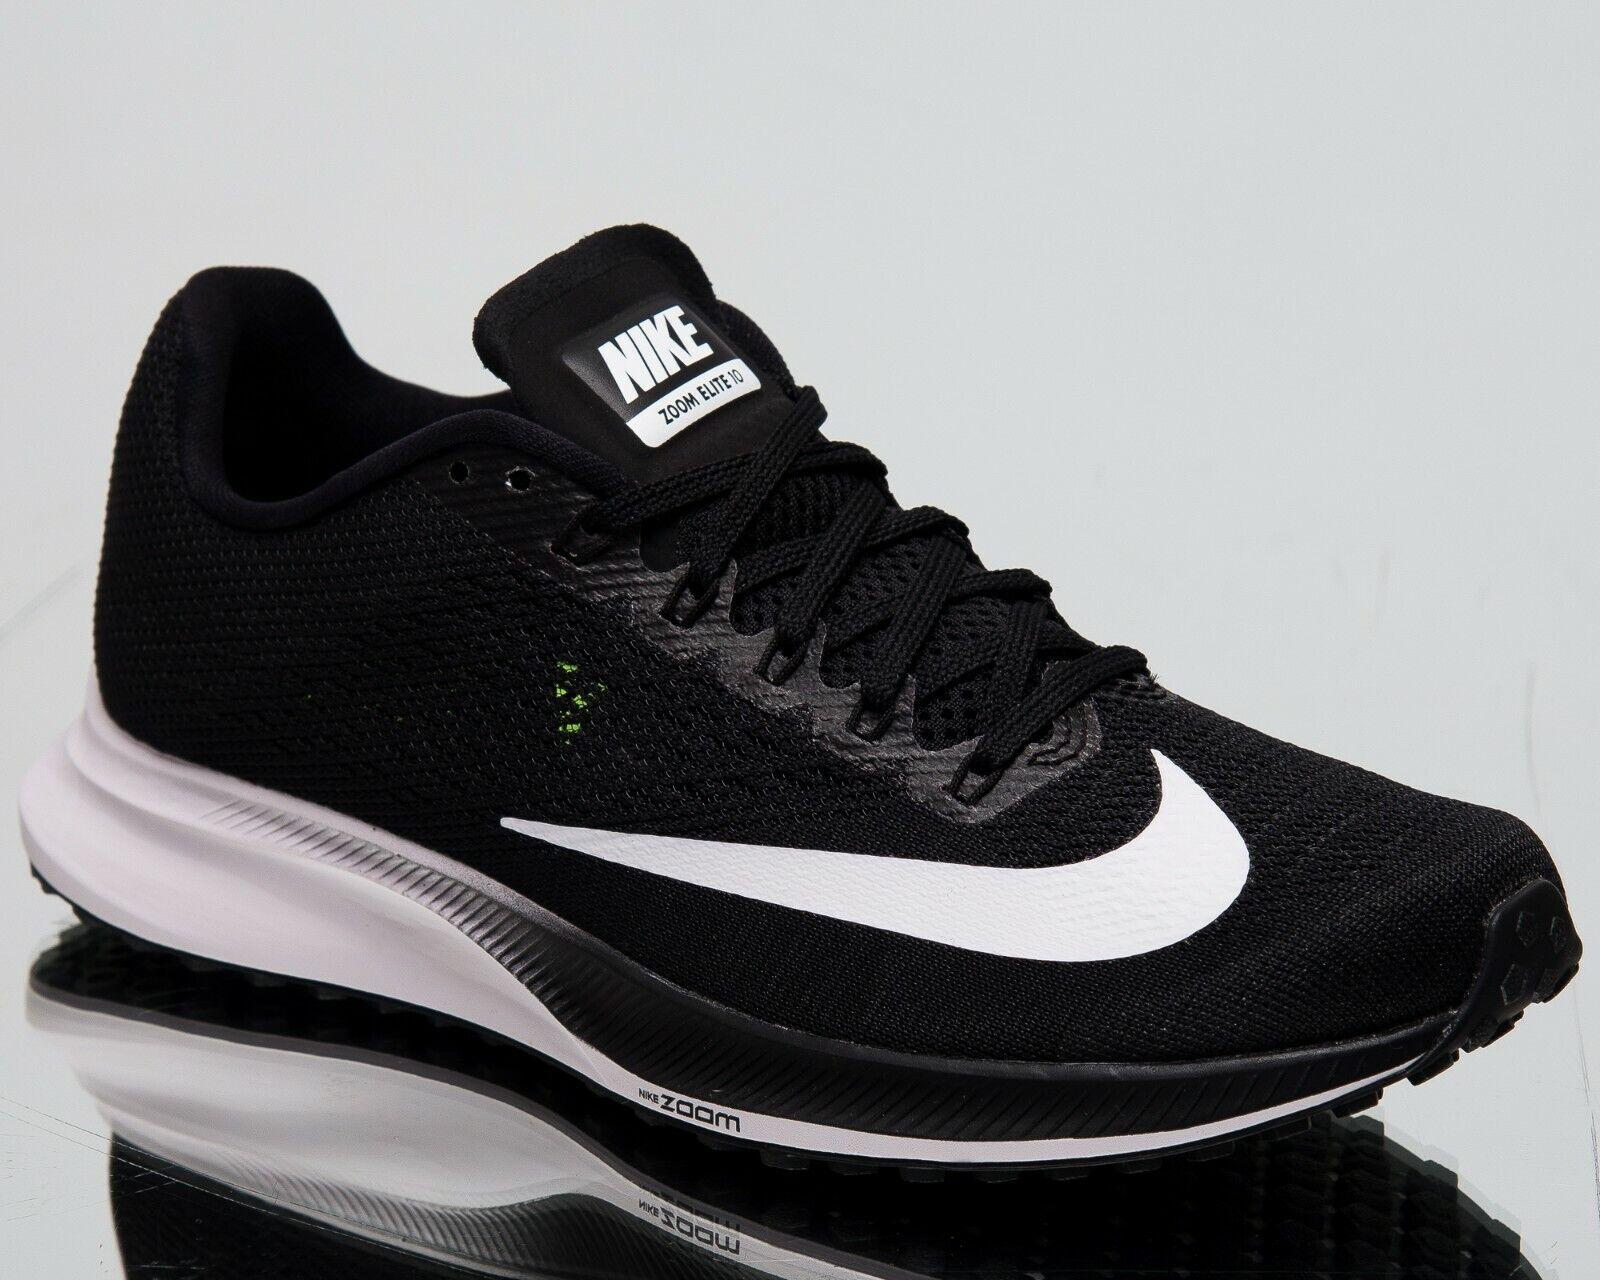 Nike donna AIR ZOOM Elite 10 NUOVE Scarpe Scarpe Scarpe Da Corsa Nero Bianco Volt 924505-001 991361